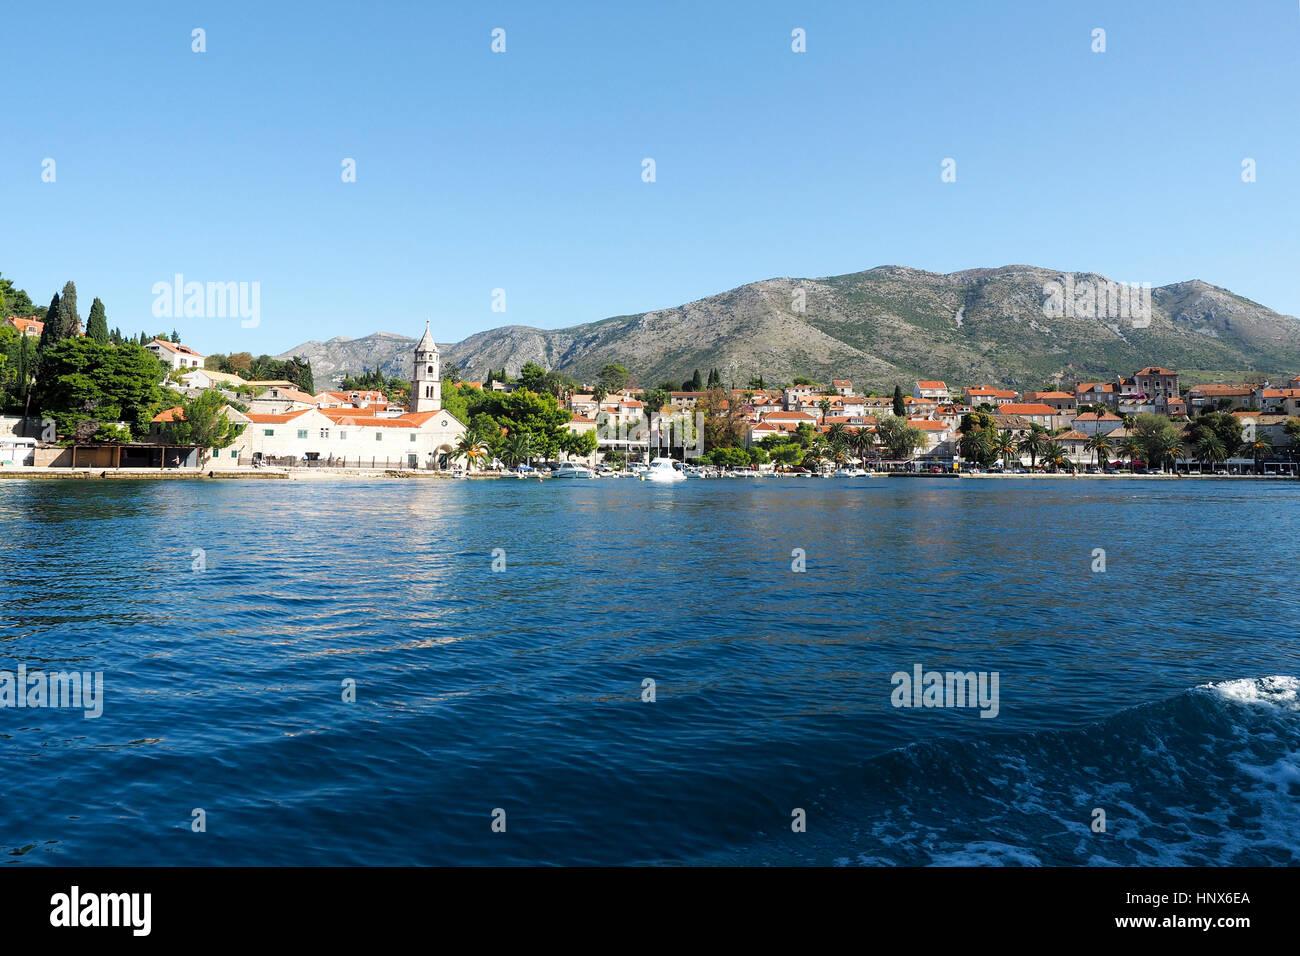 Cavtat, on the Adriatic Sea coast, Croatia - Stock Image